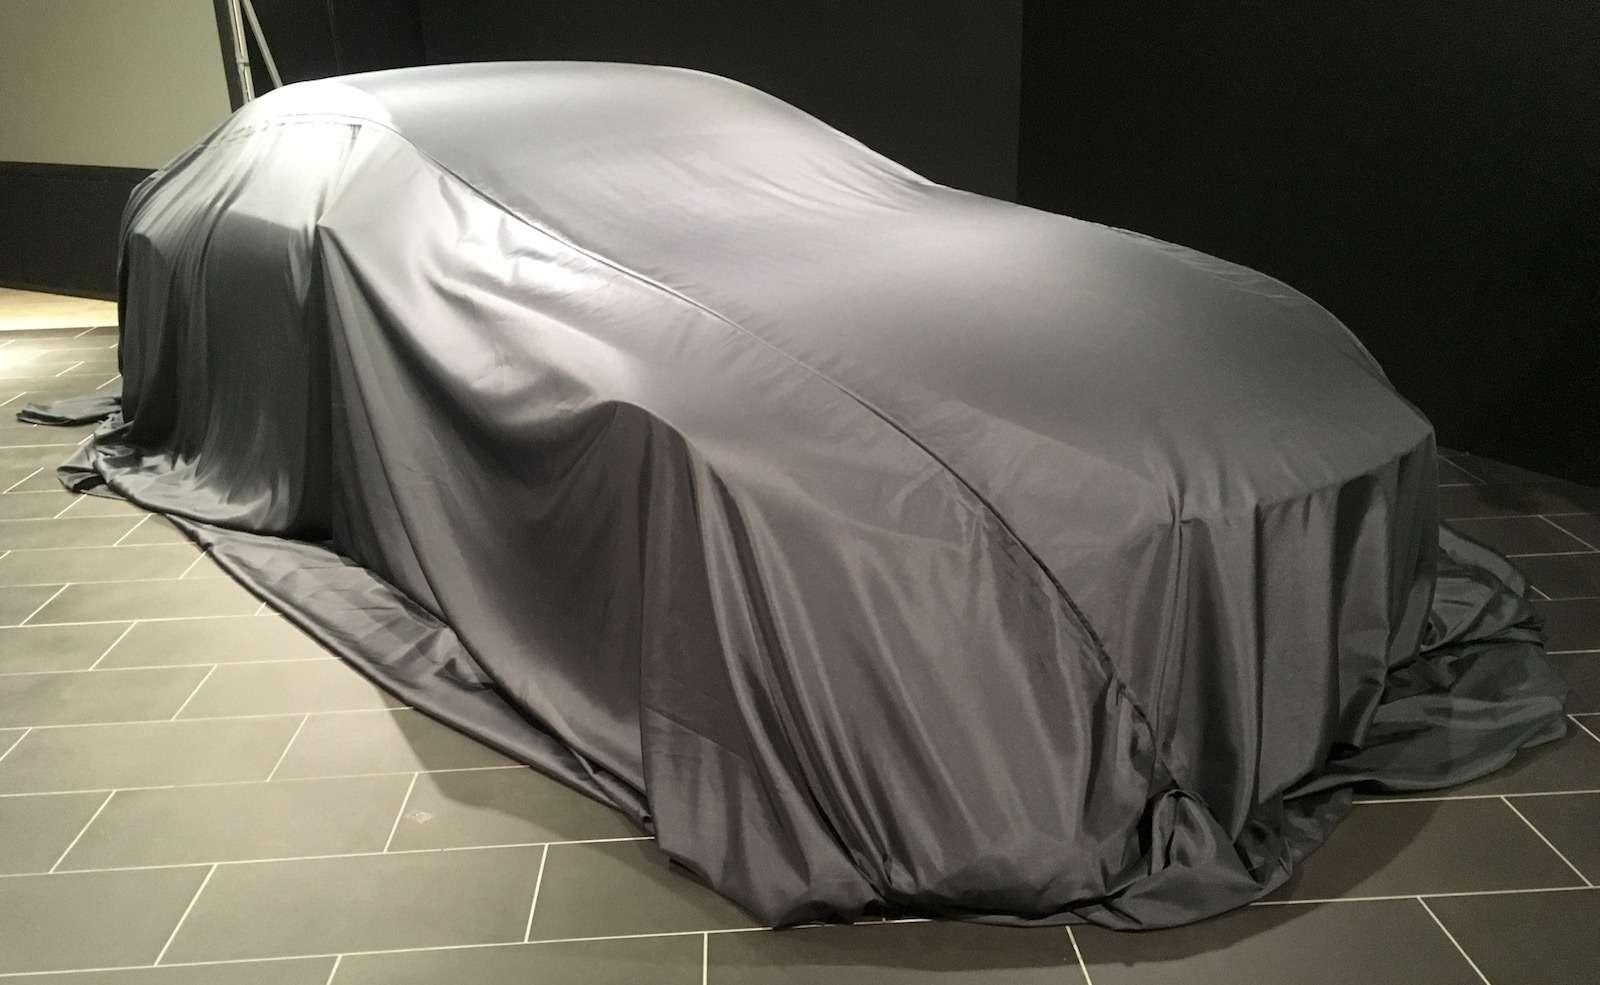 Больше света: Mazda представила обновленную дизайн-концепцию— фото 808875